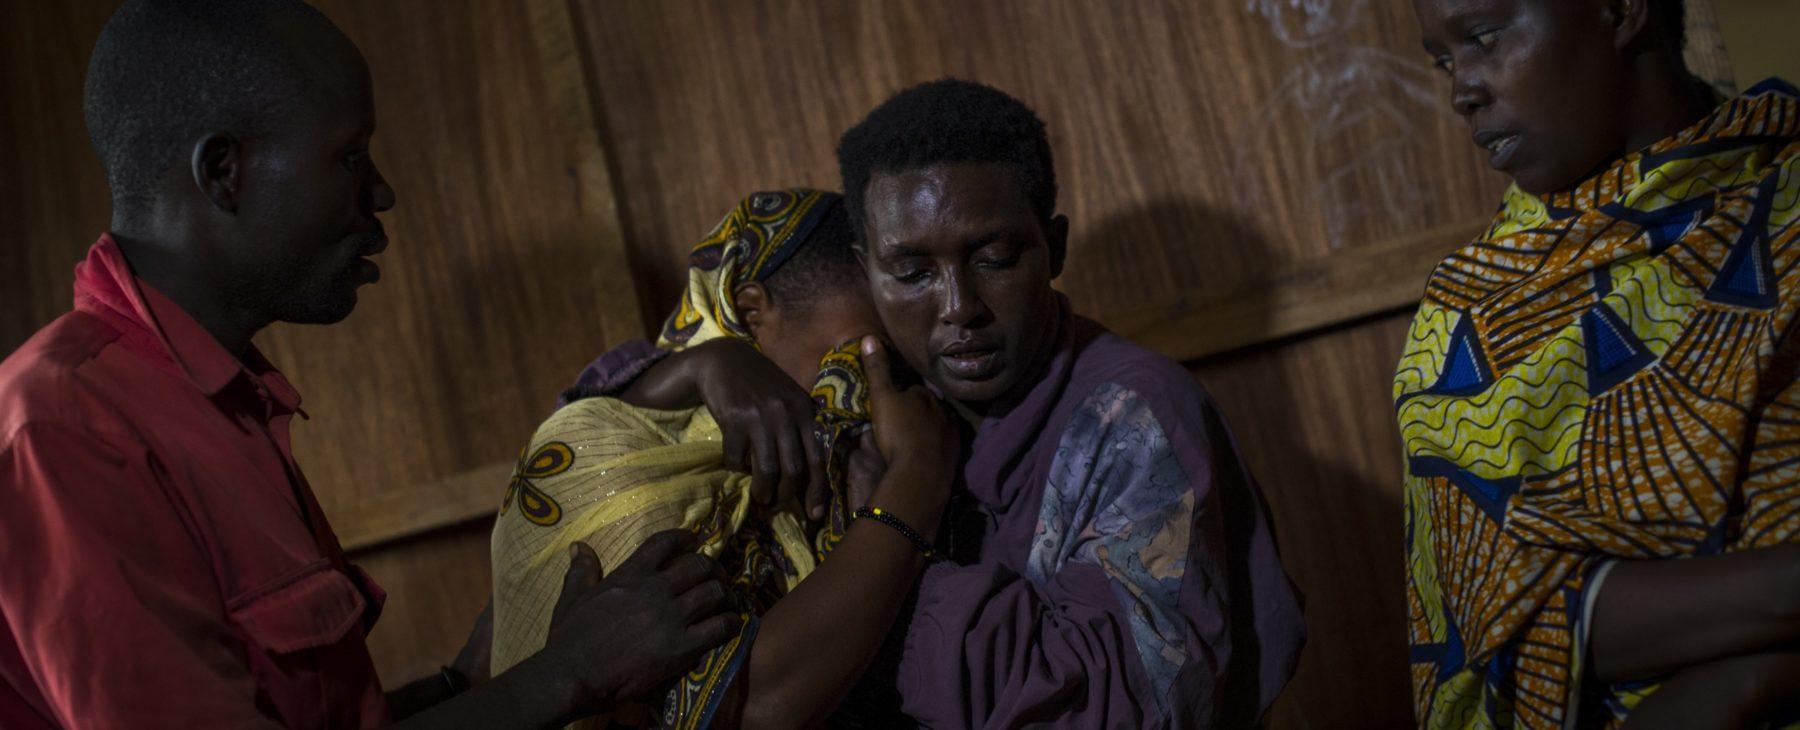 Burundi : les disparitions forcées, un crime contre l'humanité?